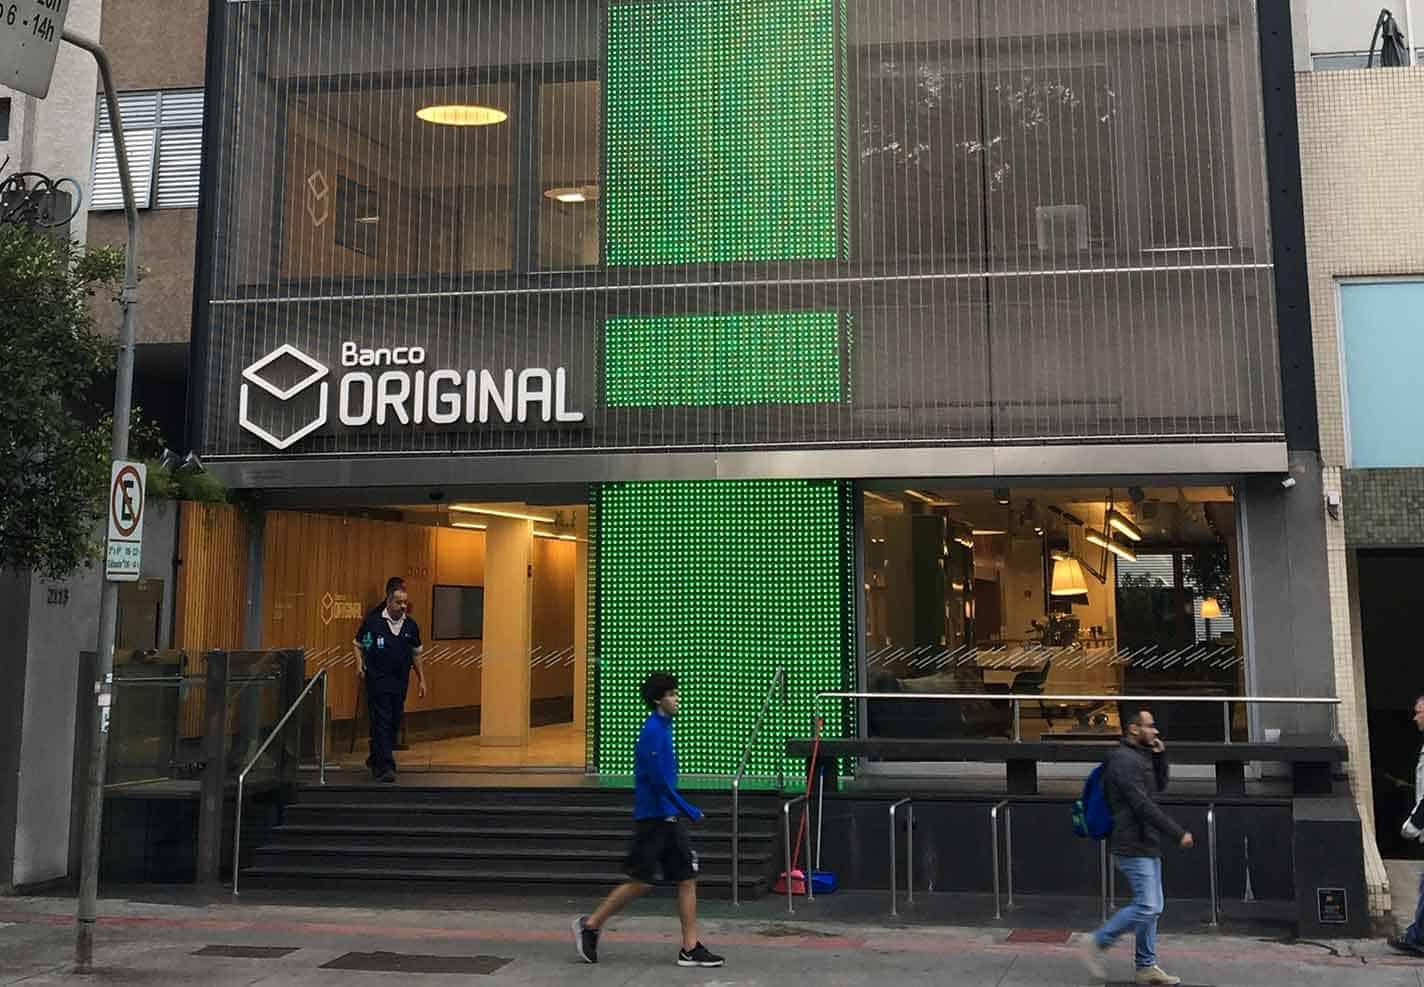 Banco Original promete lançamento inédito até o fim de março (Imagem: Reprodução - Google)